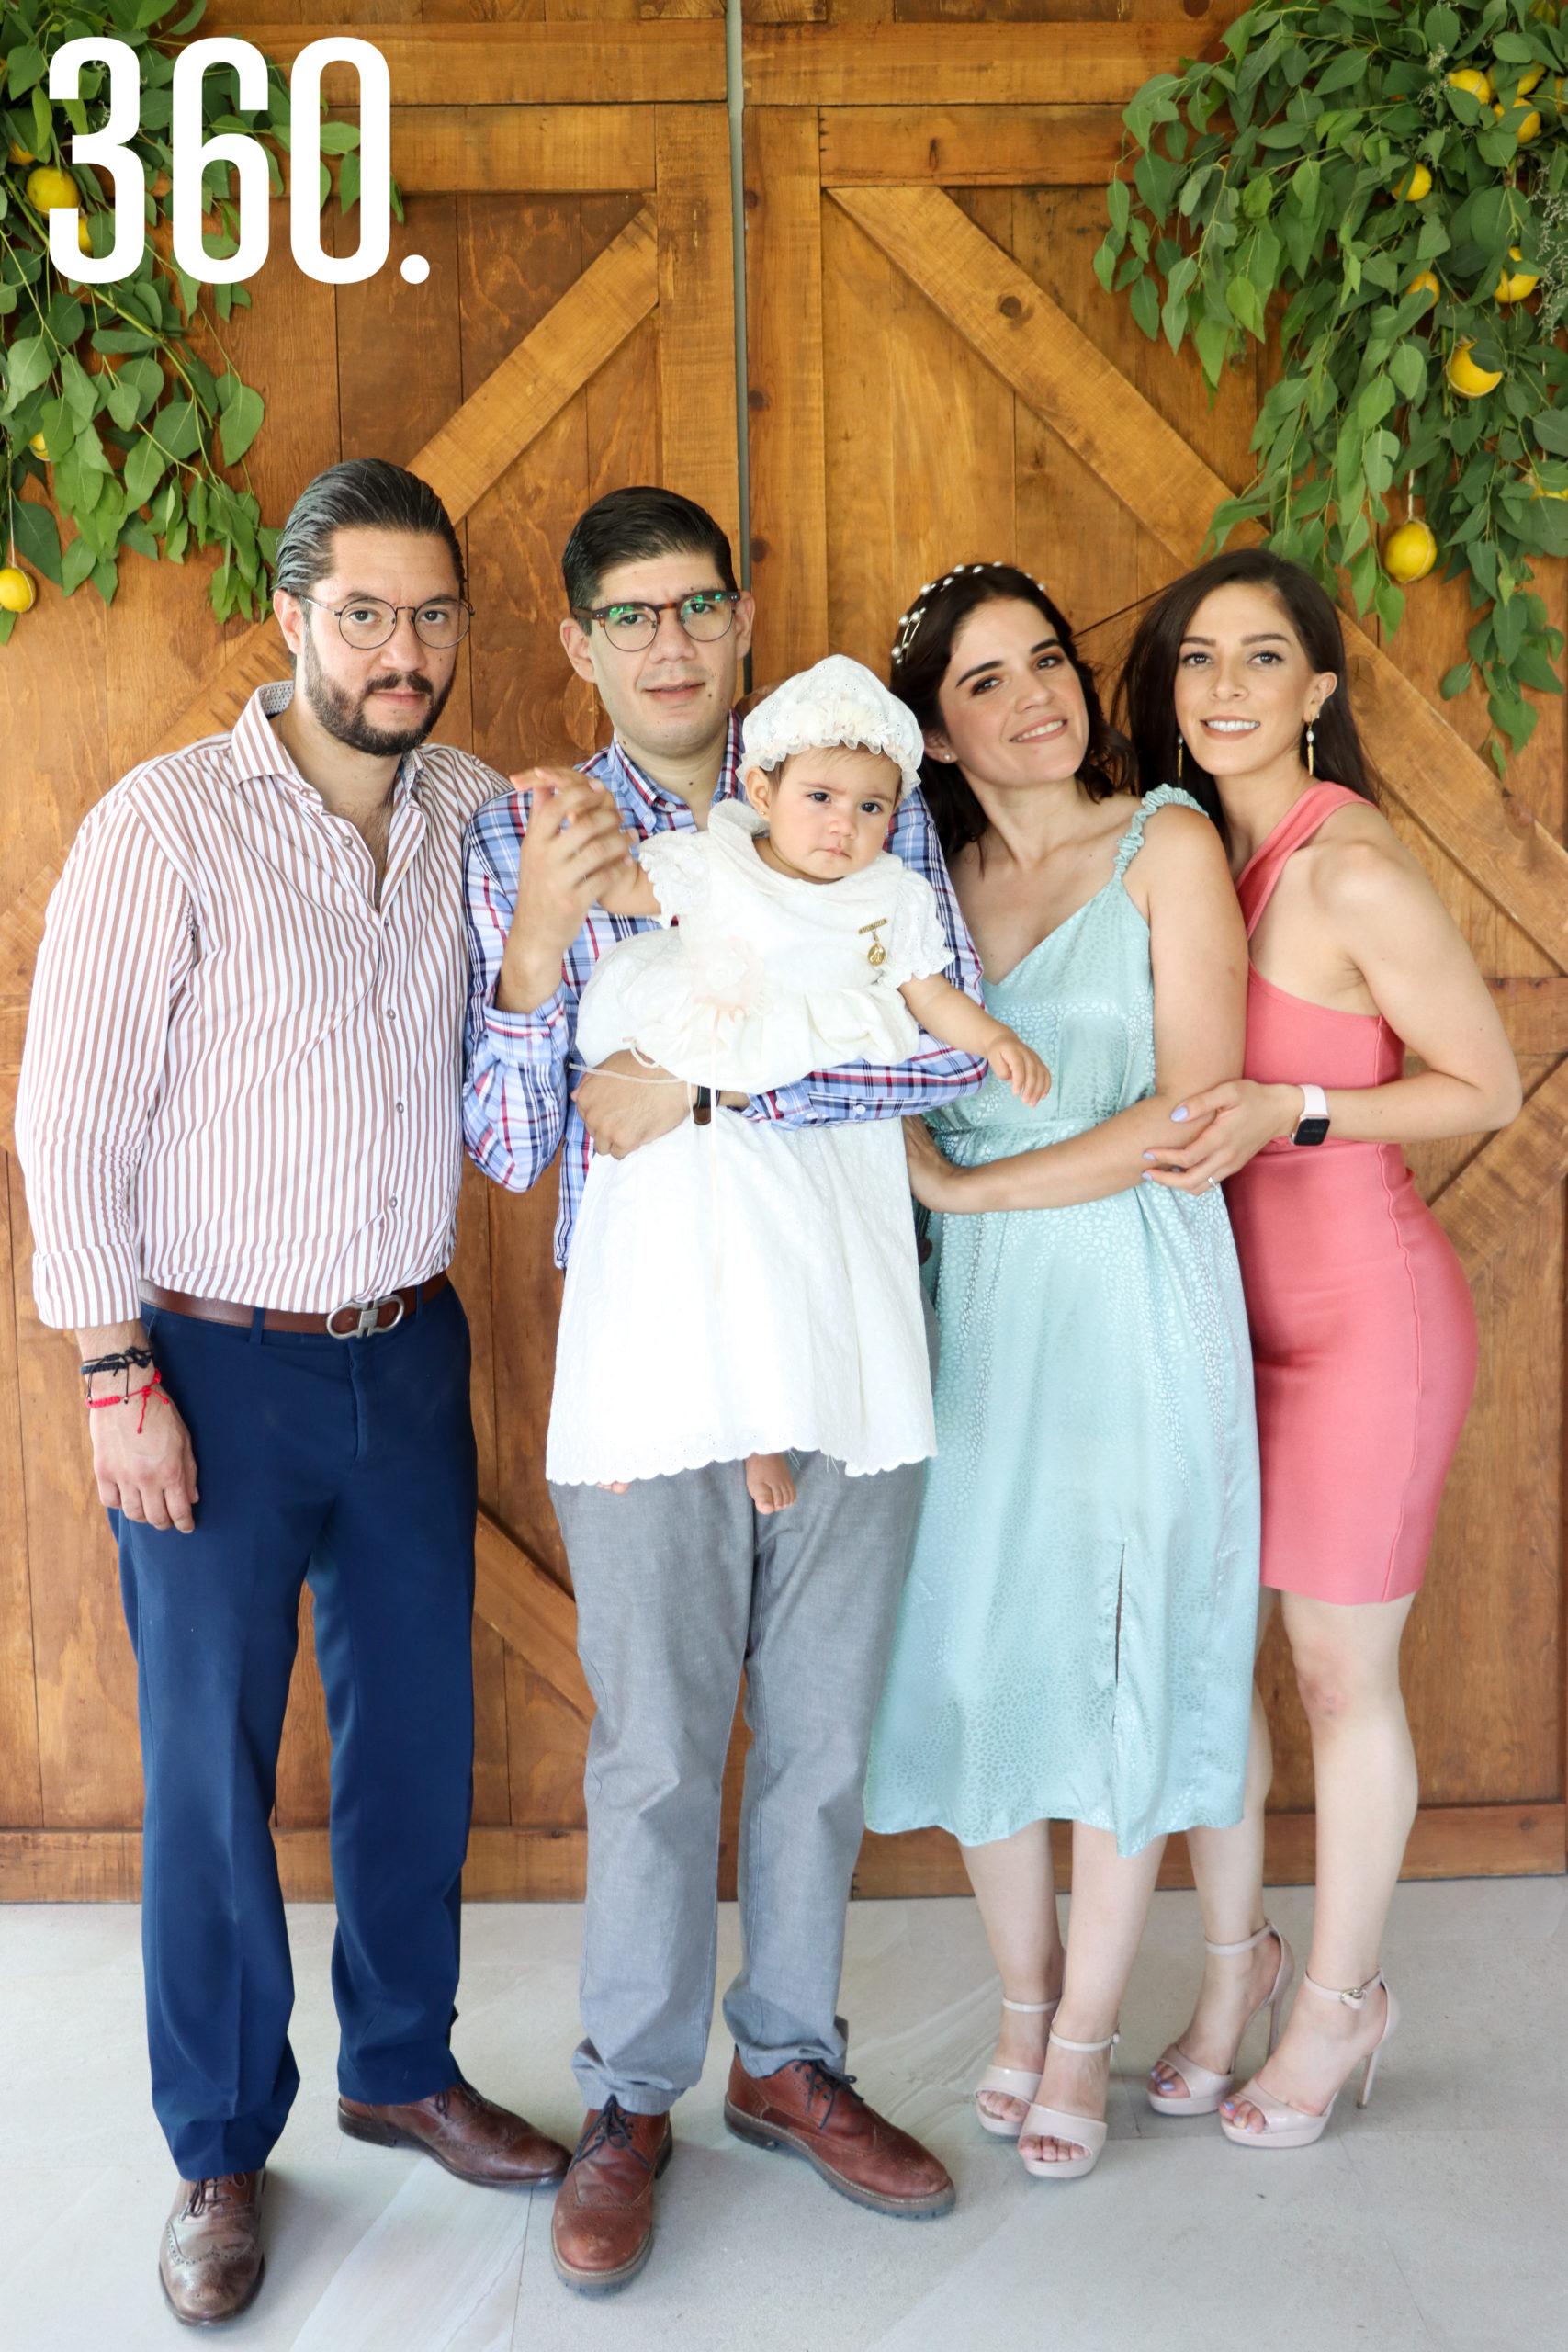 Quique Salinas, Mauricio Pacheco, Constanza Pacheco, Pamela Ramos y Frida Mancha.